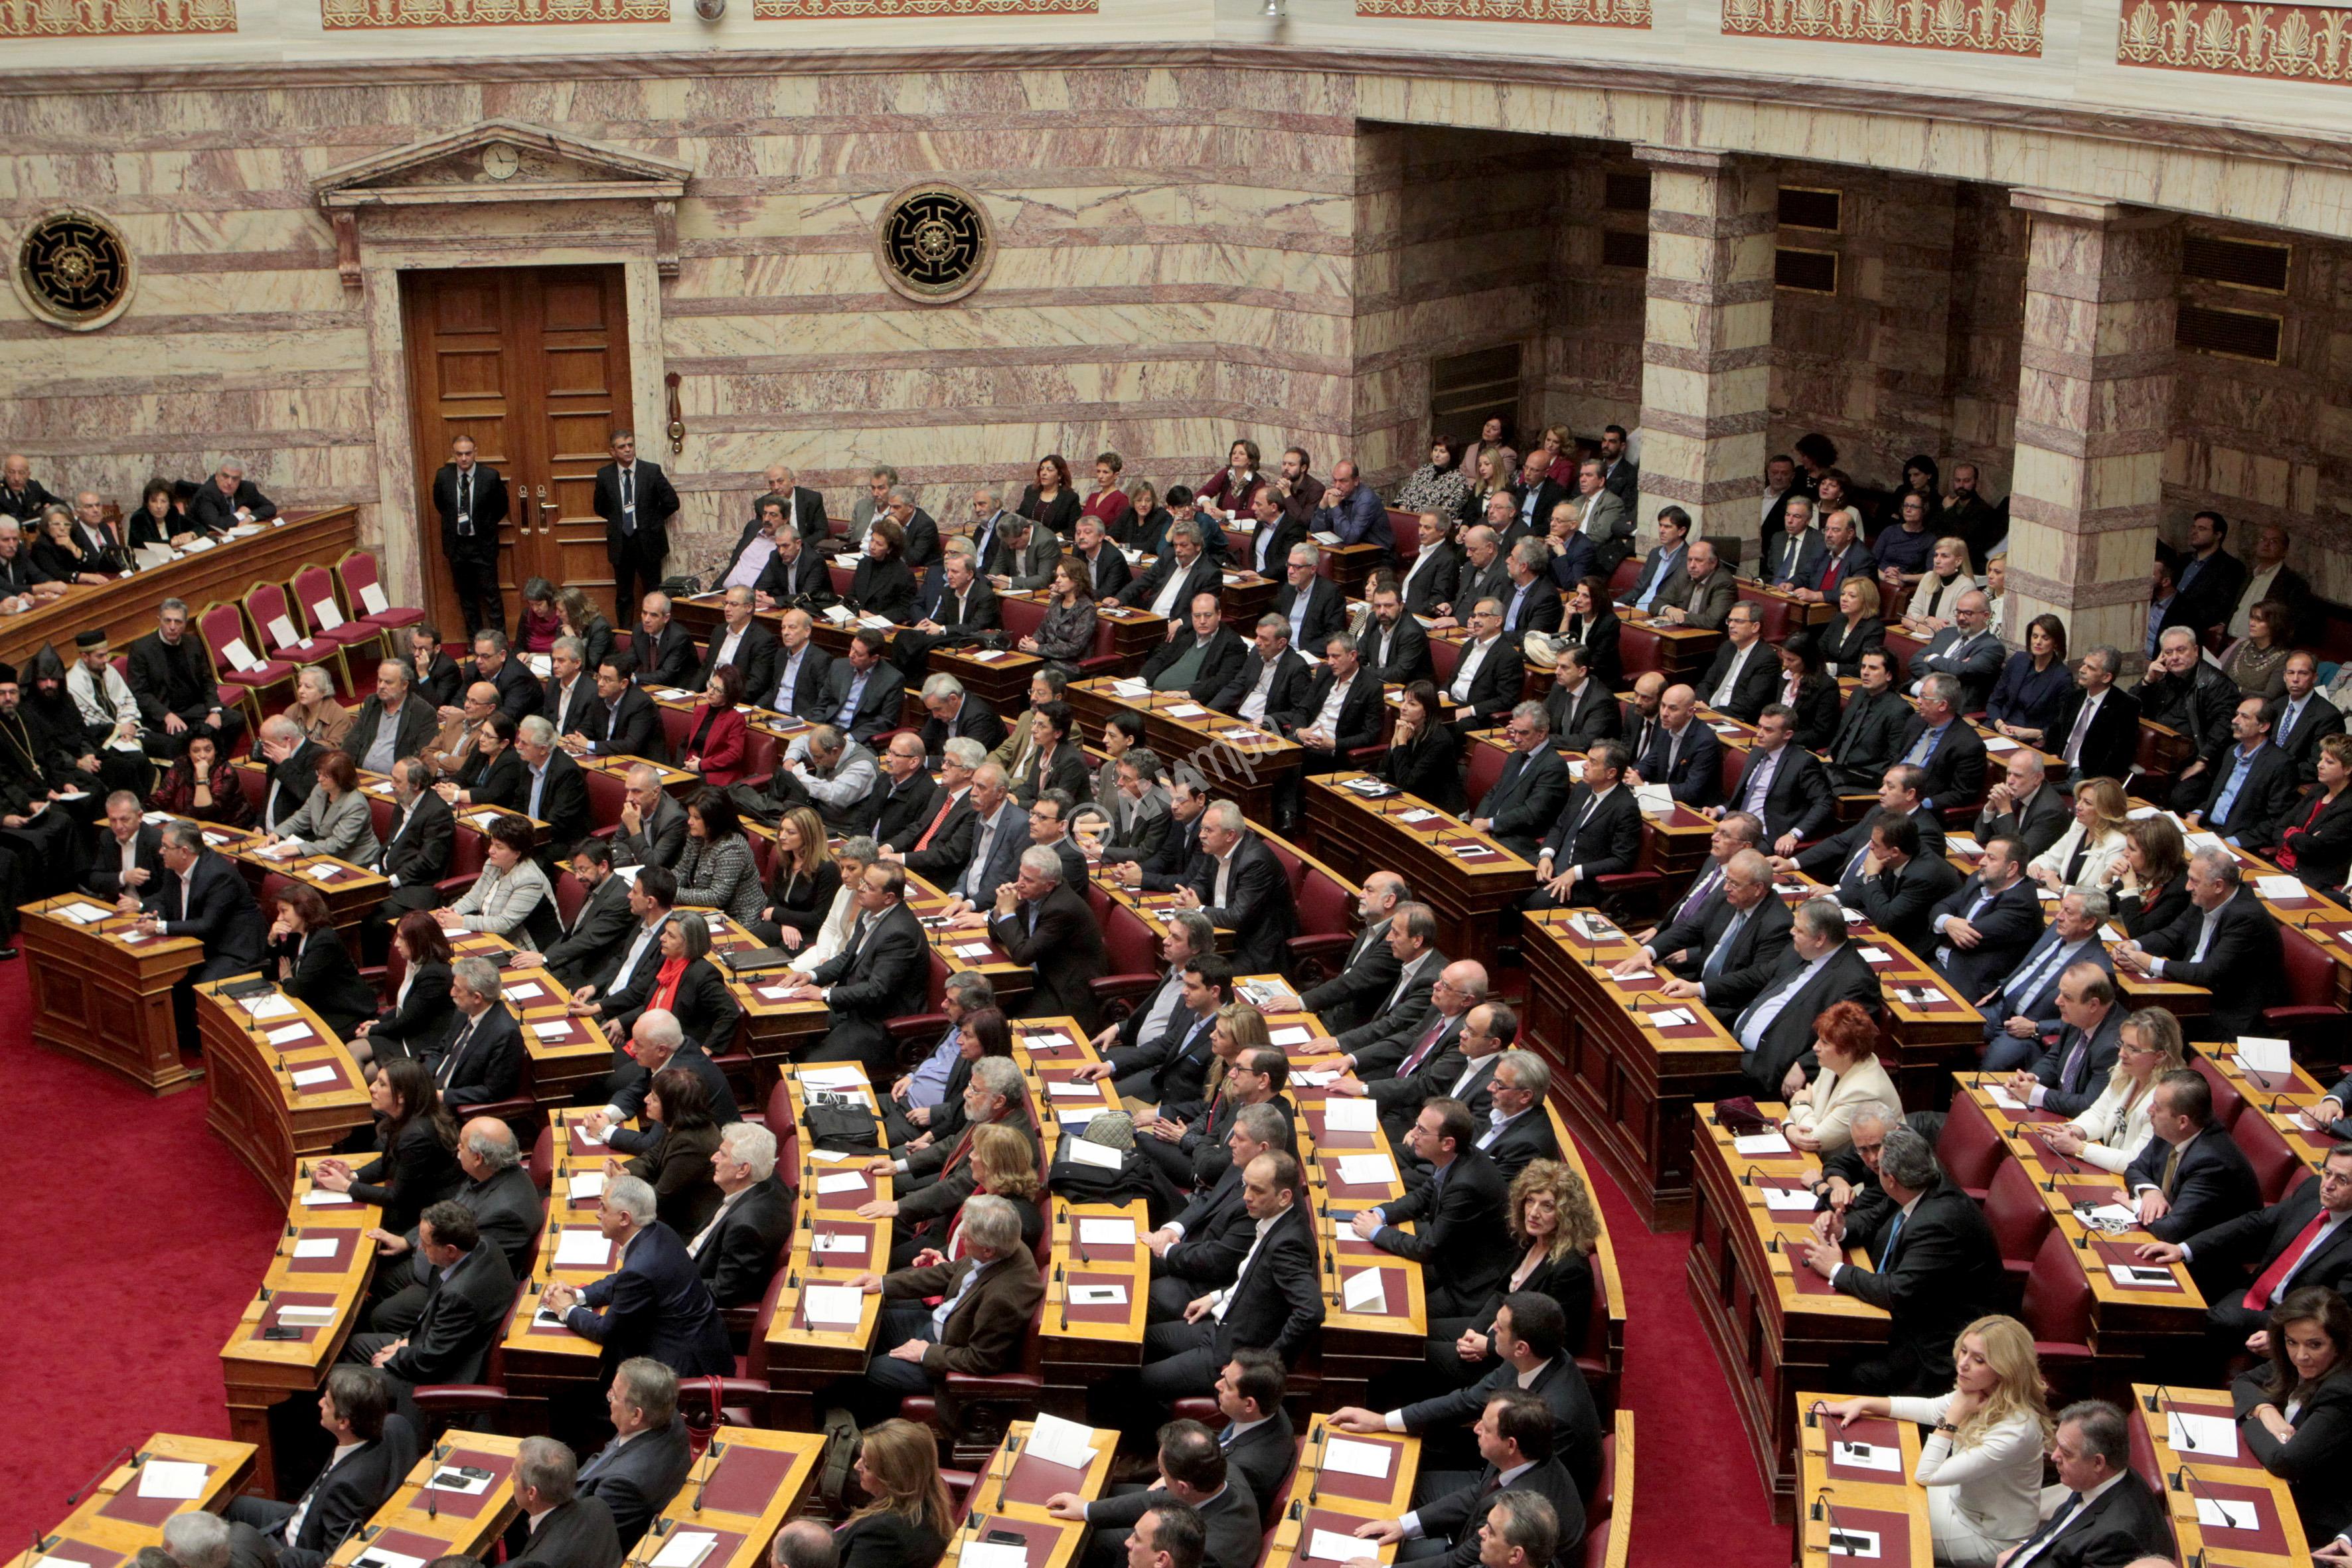 Βουλευτές παρακολουθούν ορκωμοσία στην Βουλή, Πέμπτη 5 Φεβρουαρίου 2015. Πραγματοποιήθηκε στην ολομέλεια της Βουλής η ορκωμοσία των βουλευτών που εξελέγησαν στις εκλογές του Ιανουαρίου. ΑΠΕ-ΜΠΕ/ΑΠΕ-ΜΠΕ/Παντελής Σαίτας